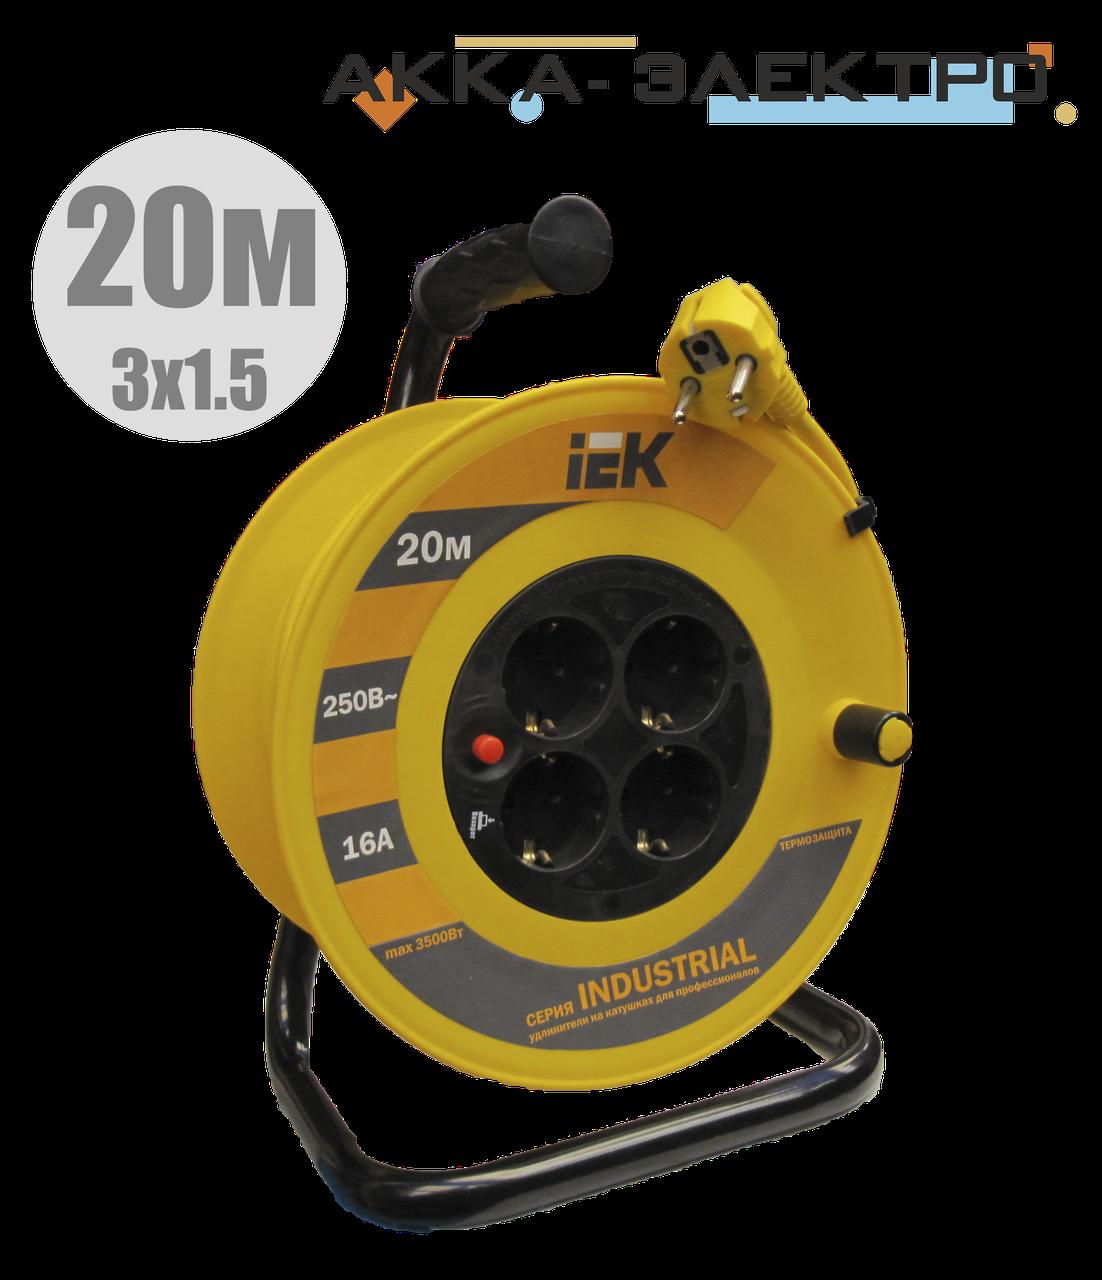 """Удлинитель на катушке с термозащитой 4 места (2Р+PЕ/20м 3х1,5 мм2) IEK УК20 """"Industrial"""""""